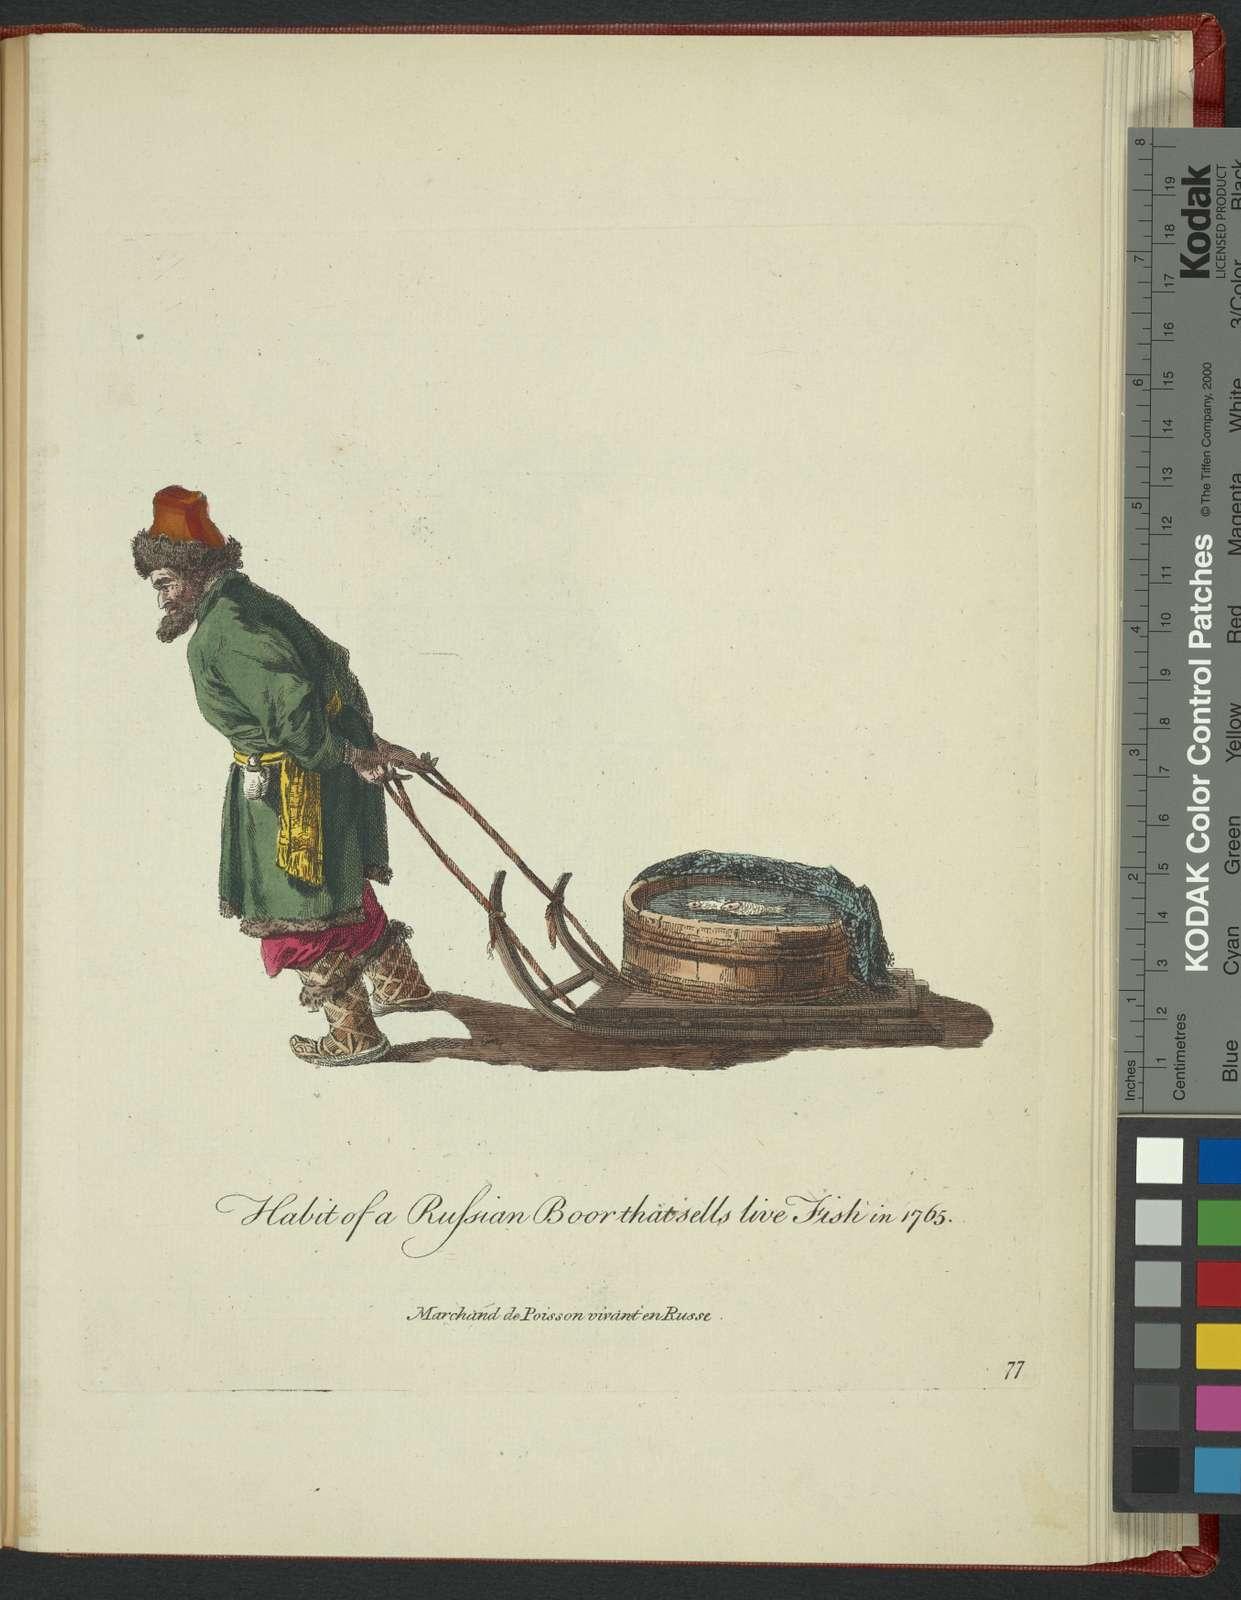 Habit of a Russian boor that sells live fish in 1765. Marchand de poisson vivant en Russe.